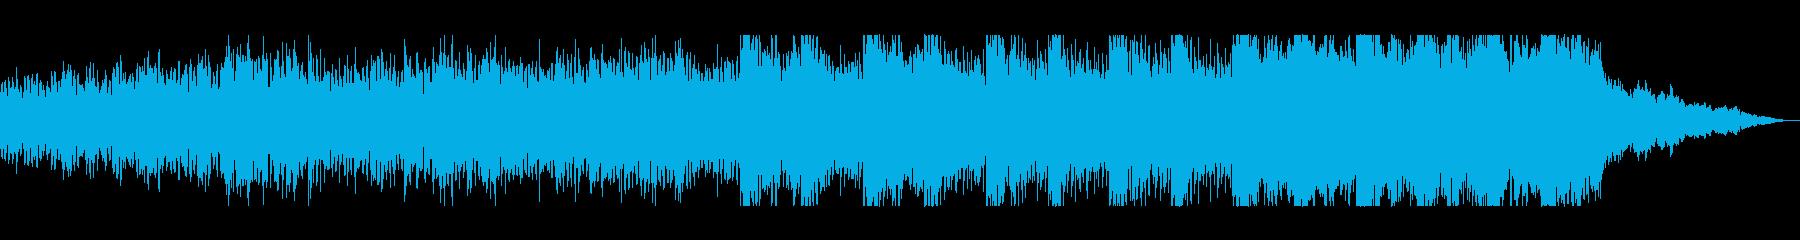 ミニマル〜ドラマチック、オーケストラの再生済みの波形